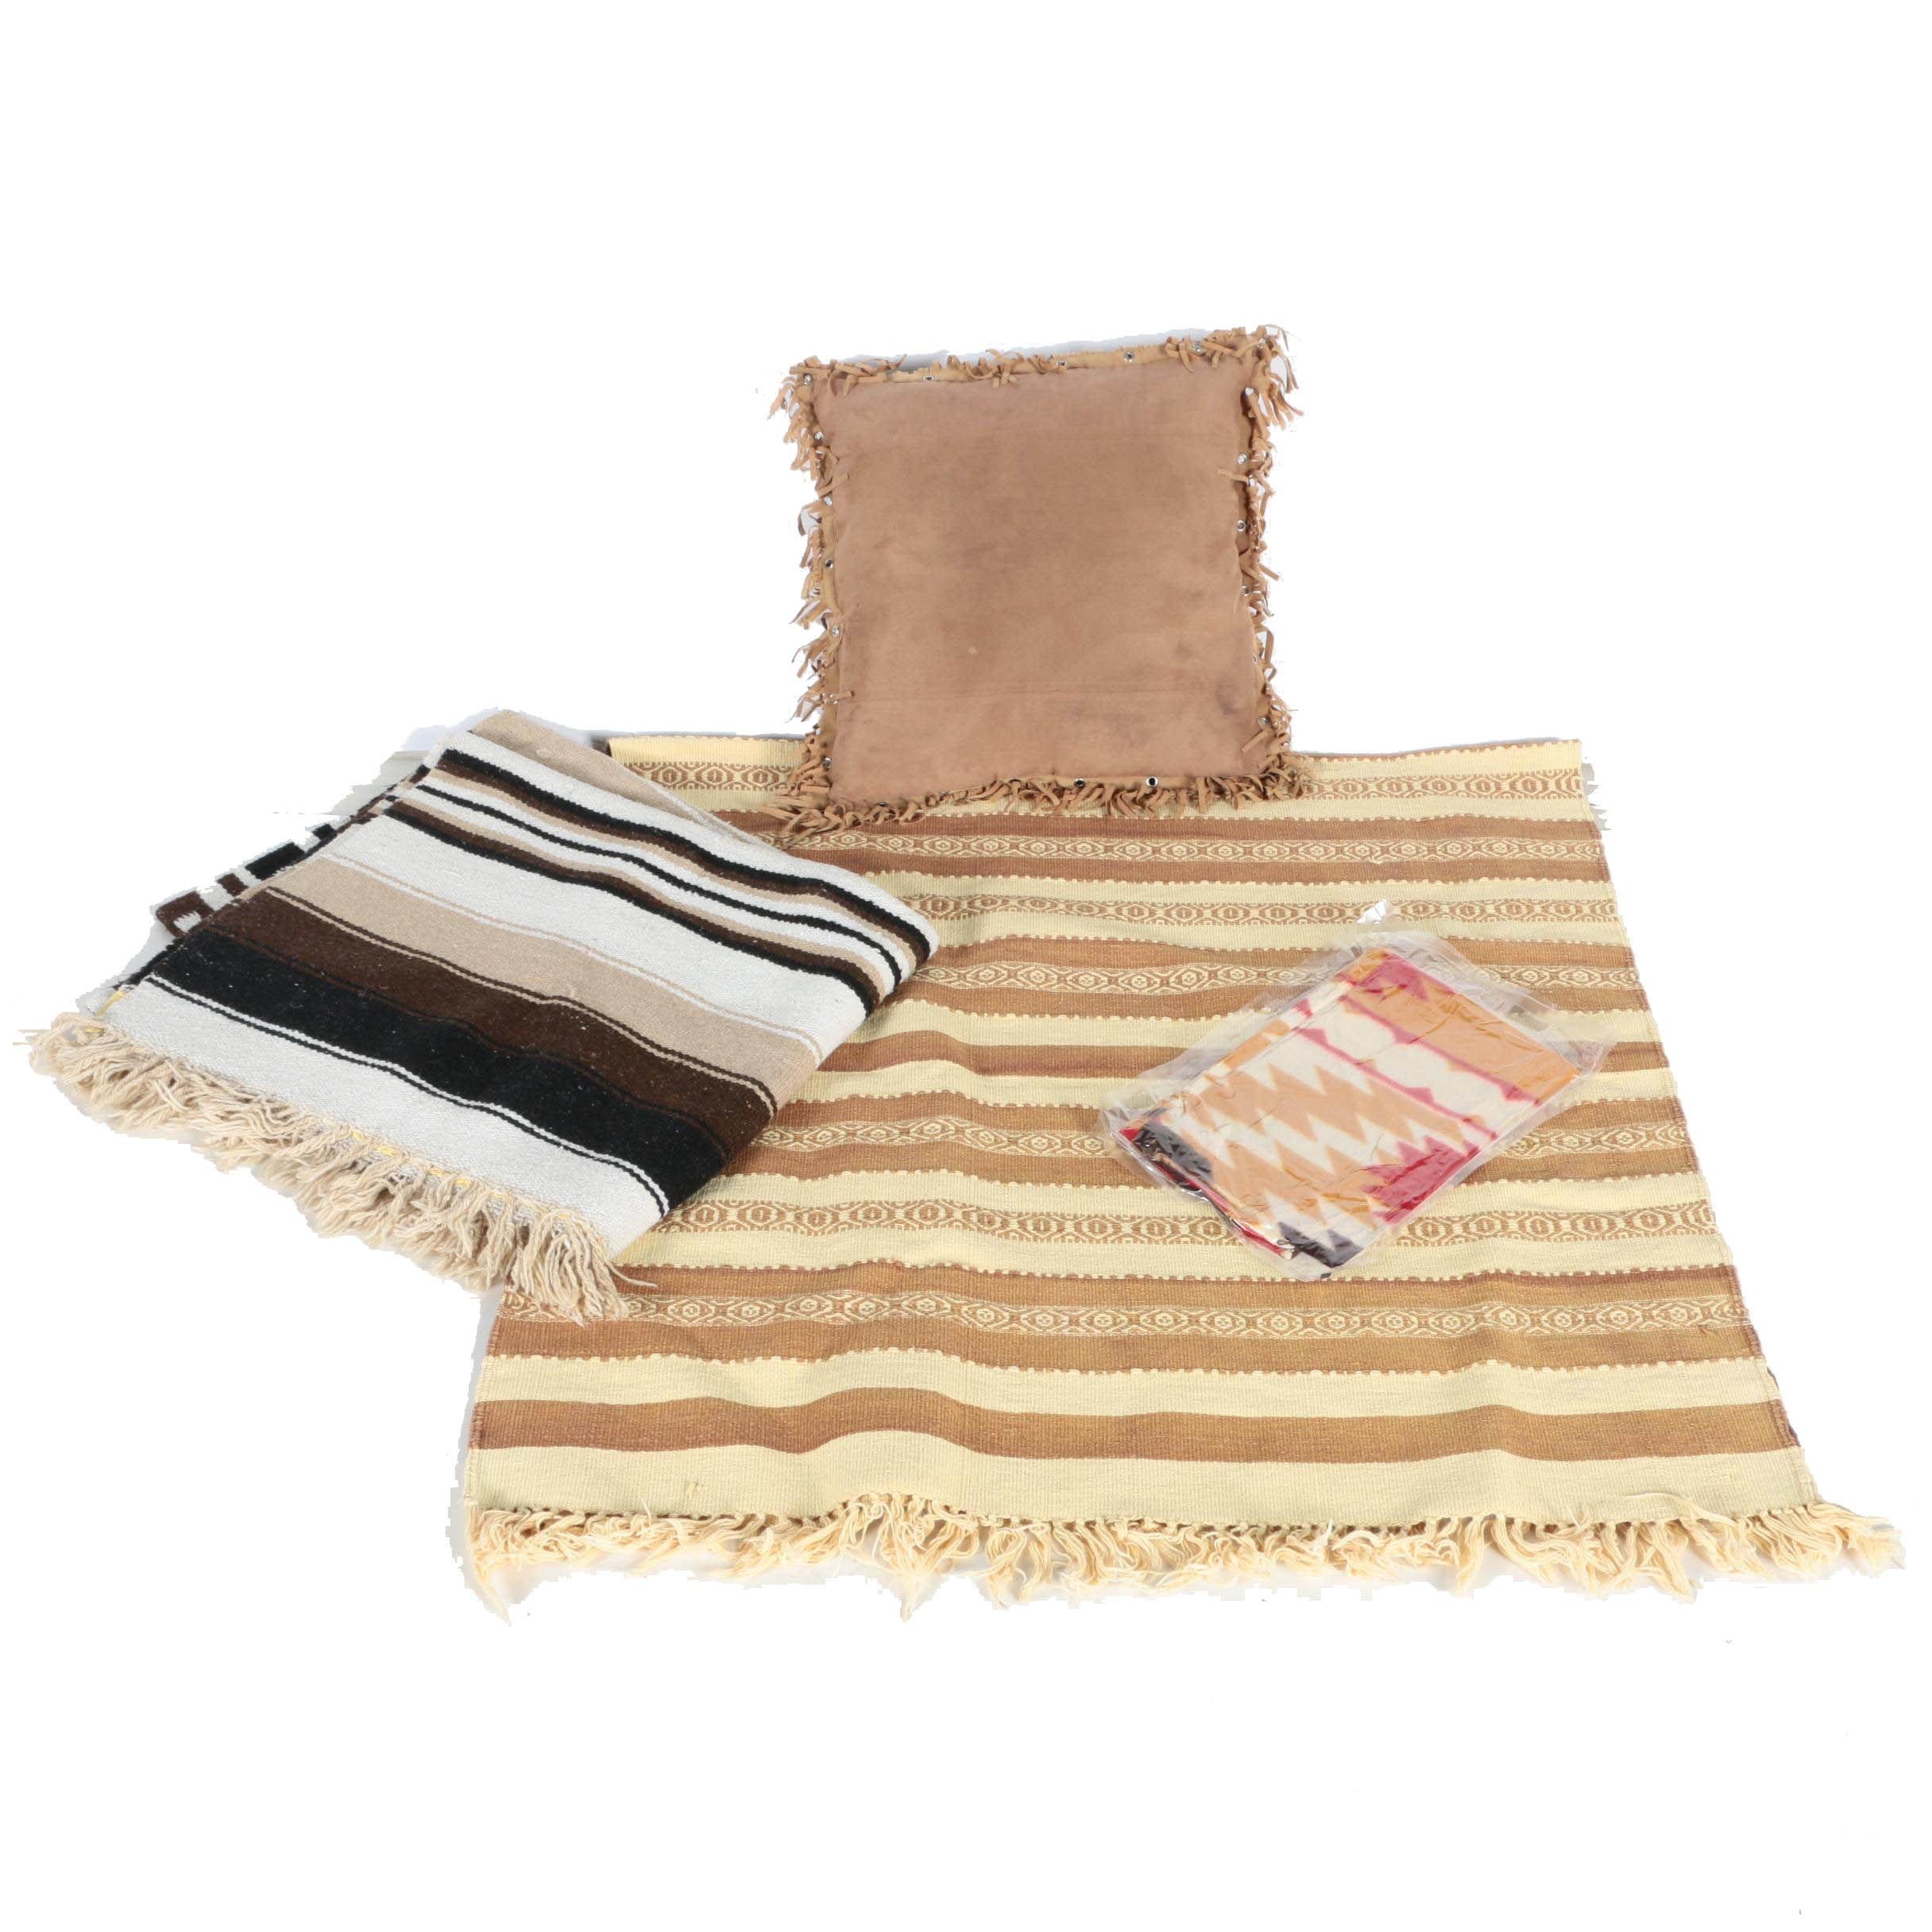 Handwoven Mexican Textiles